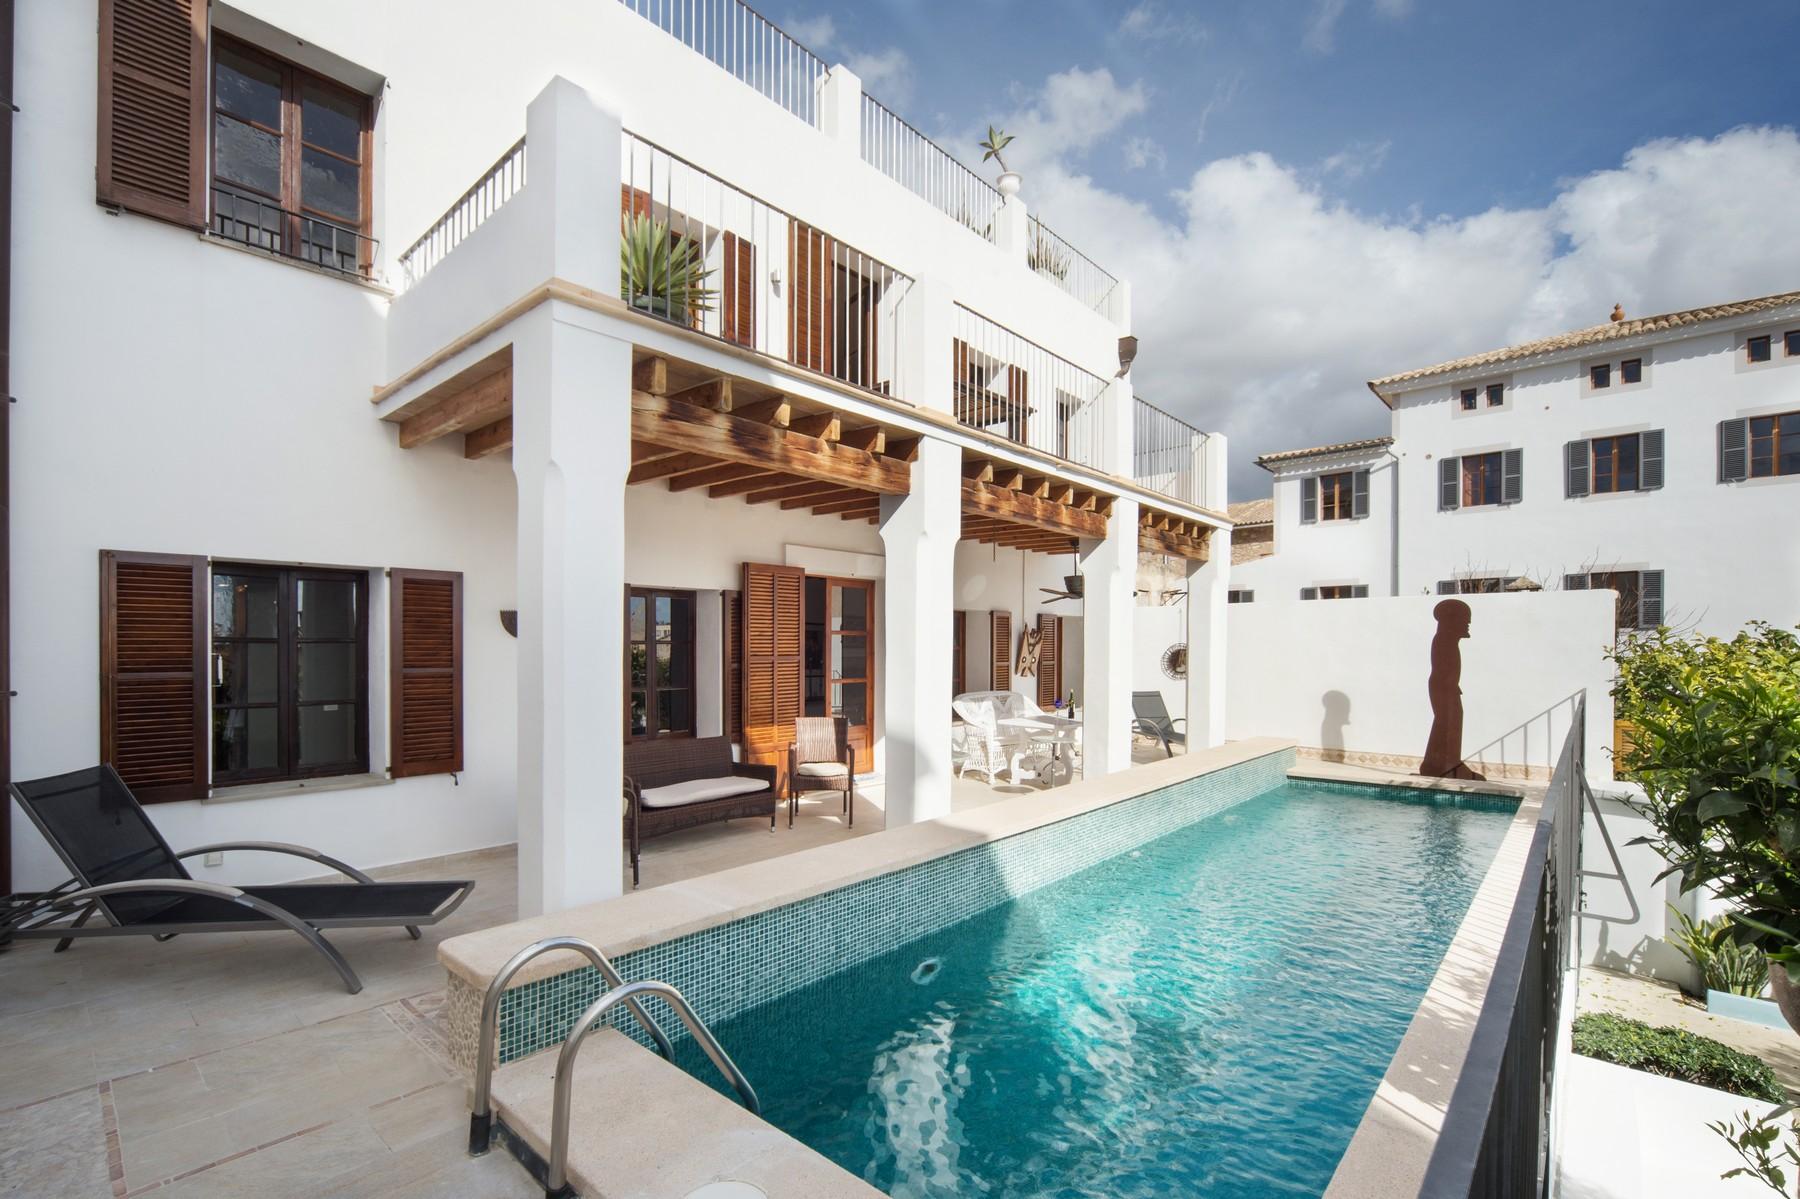 Частный односемейный дом для того Продажа на Beautiful villa in the residential area El Terreno Palma, Майорка, 07015 Испания